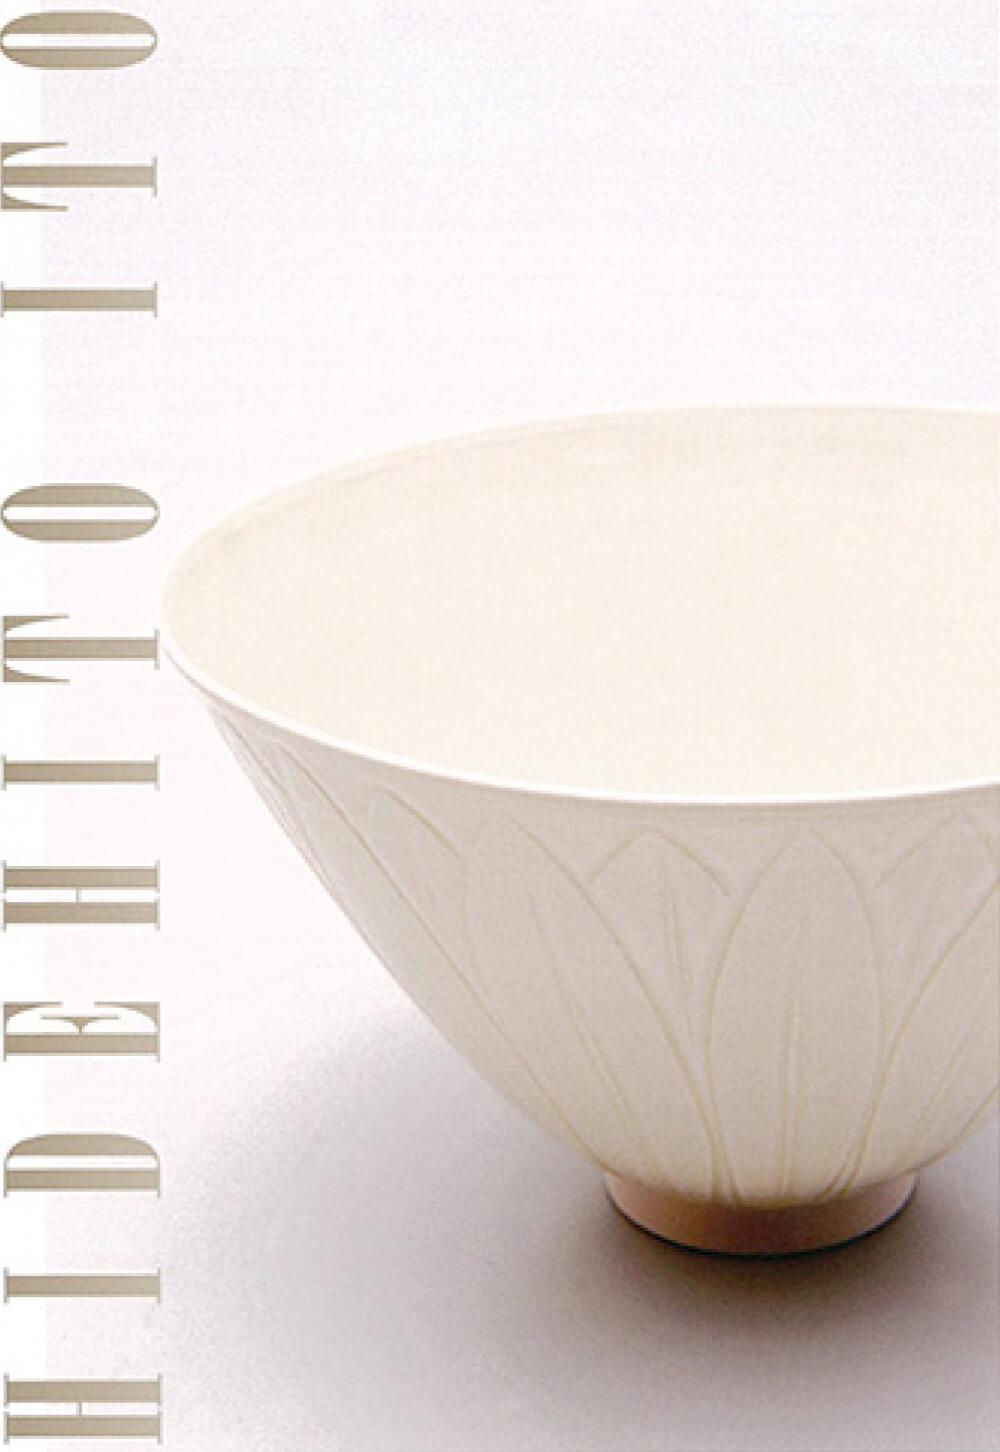 2014年9月13日から開催の「青瓷・白瓷 伊藤 秀人 陶展」のDM画像